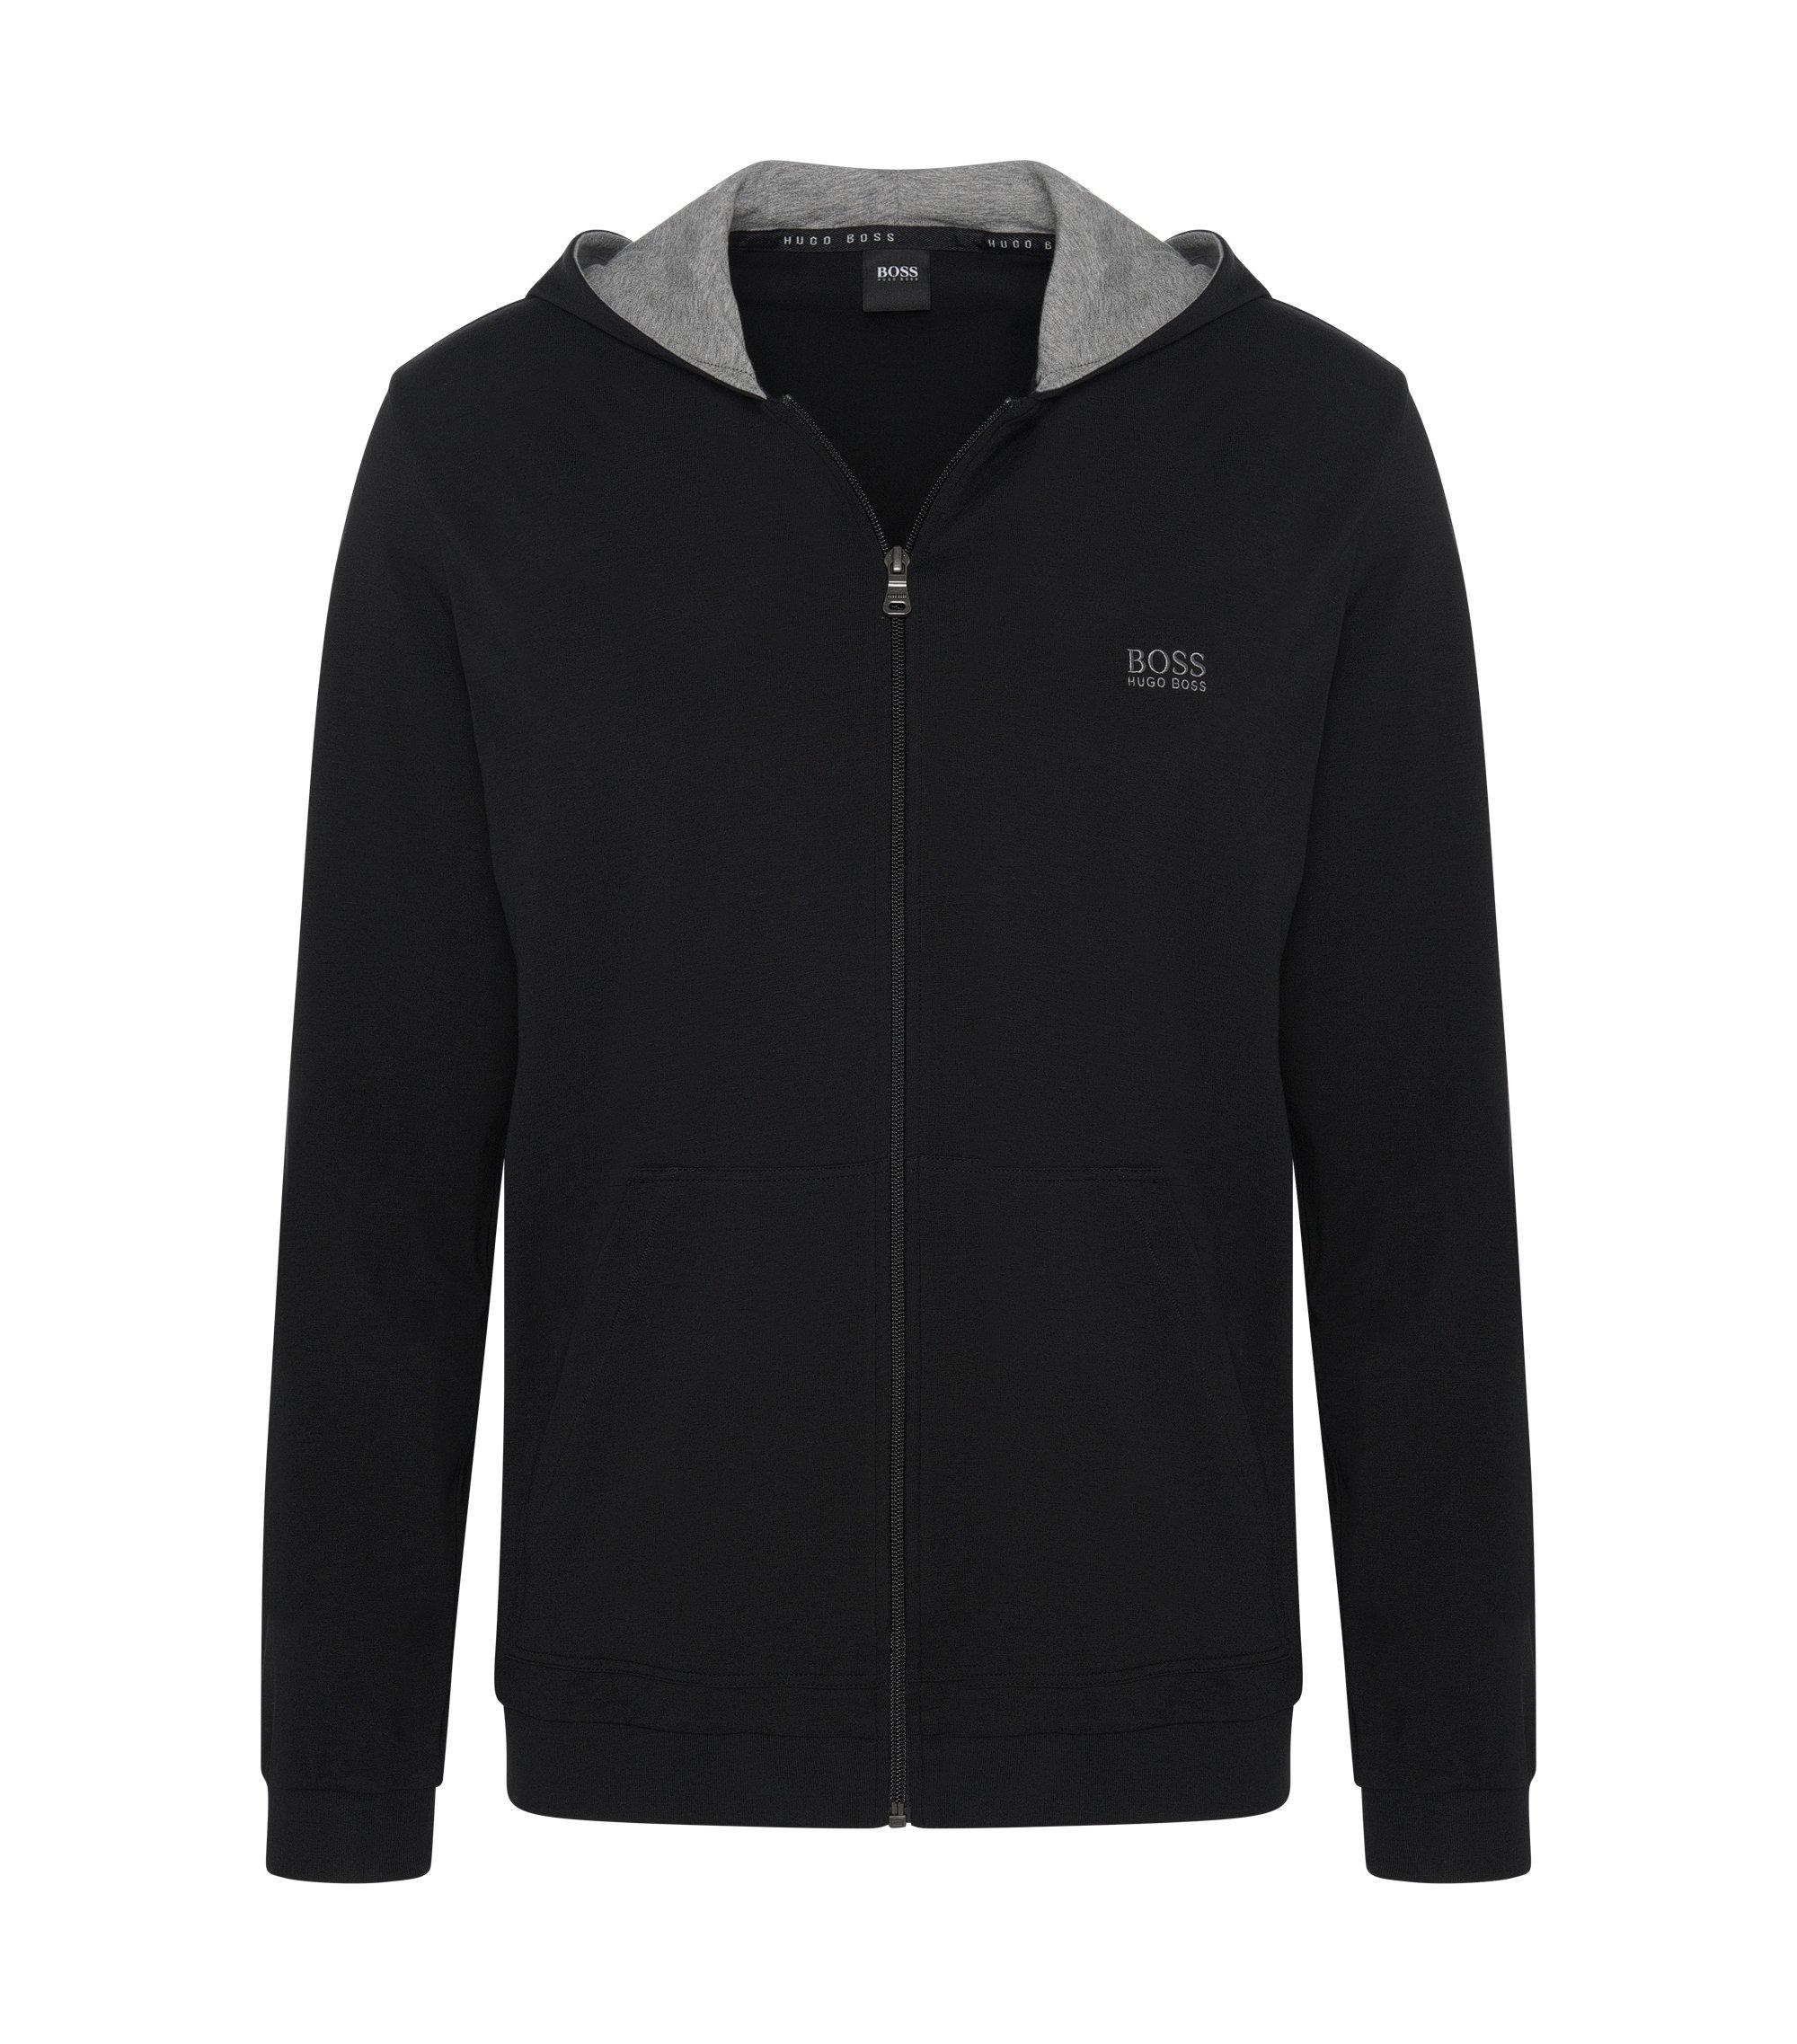 Veste à capuche en jersey de coton stretch, Noir